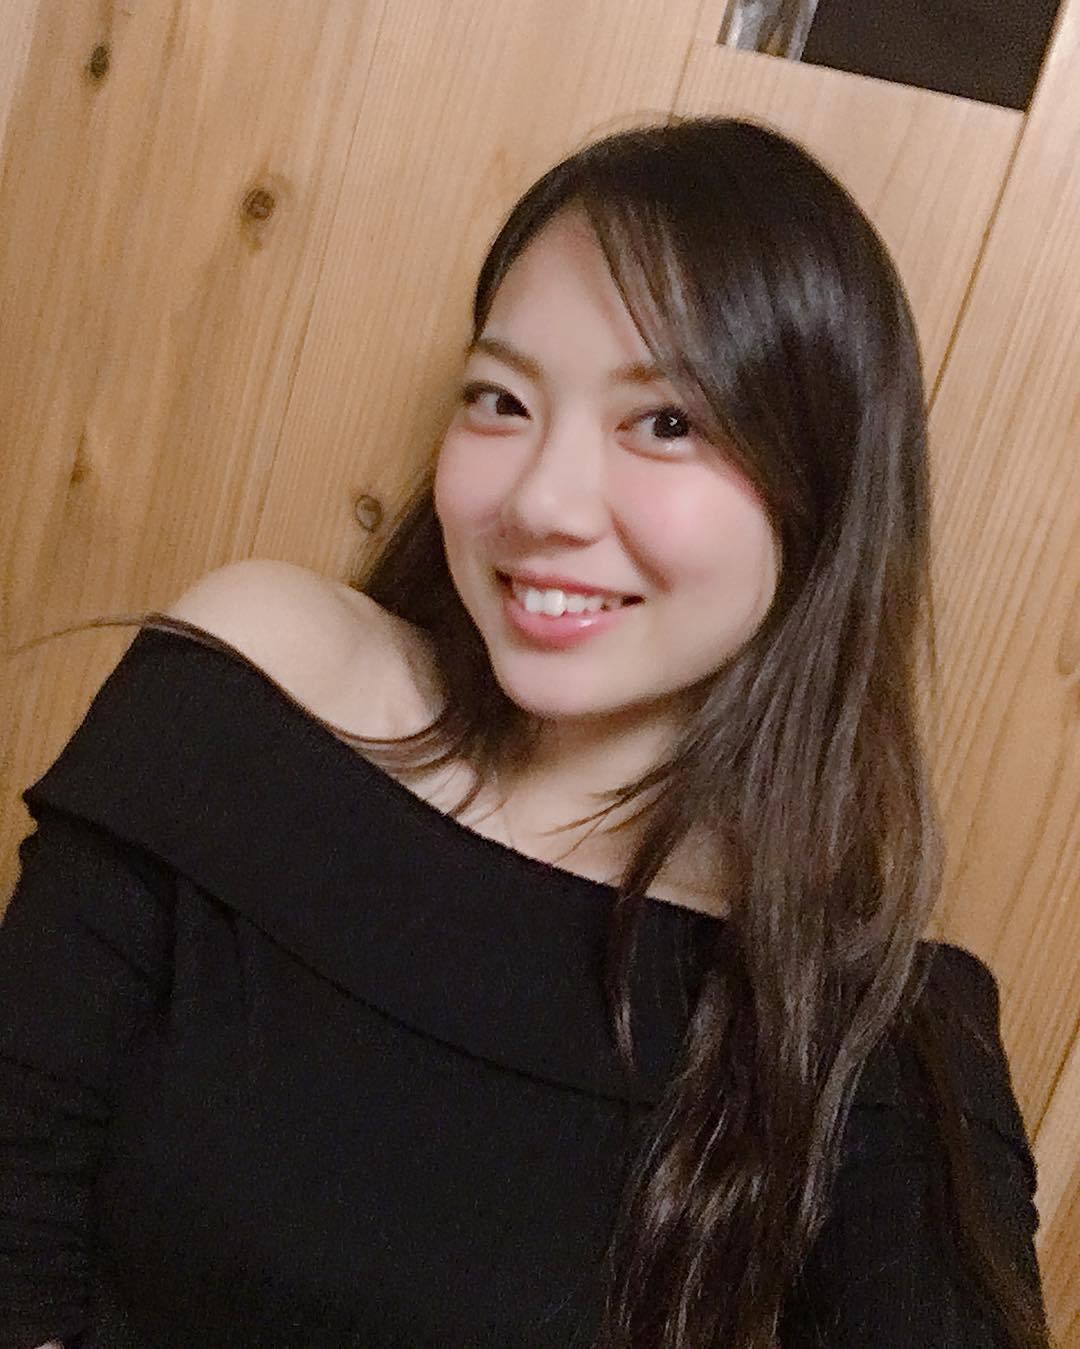 タラコのCMの子役の現在は?名前は志村玲那で今は女優?出演番組は?